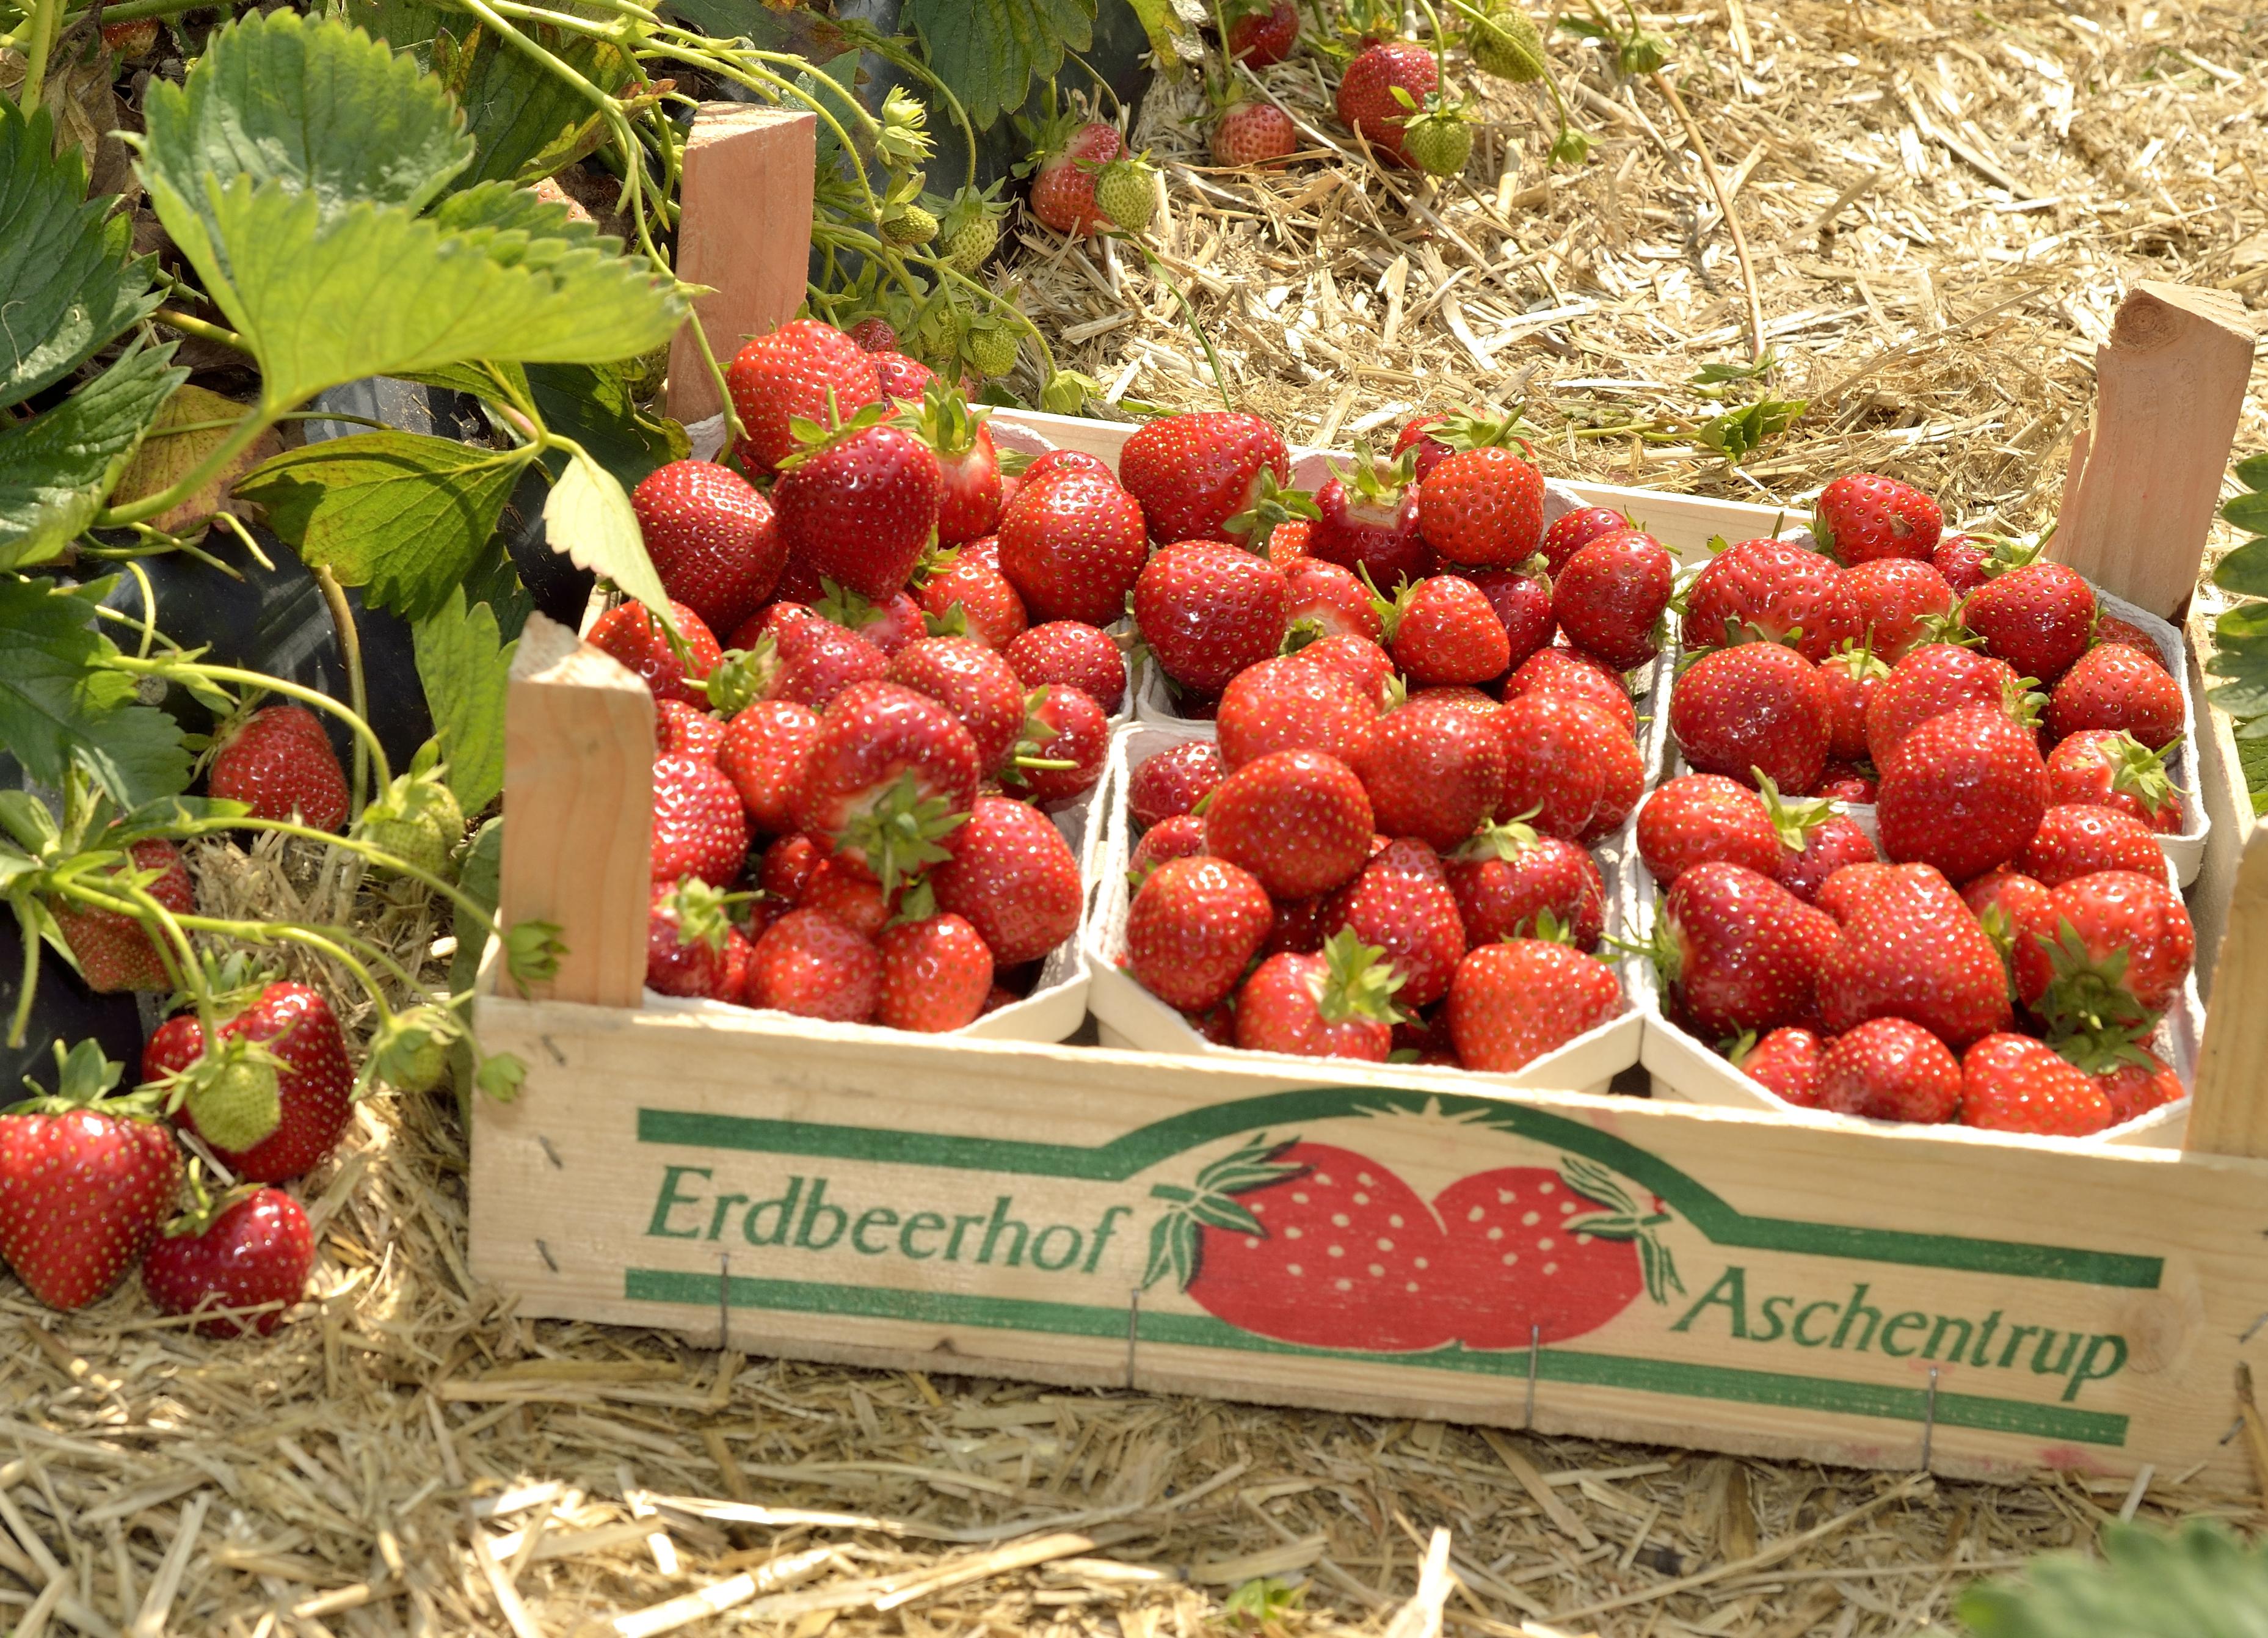 Erdbeeren-von-aschentrup